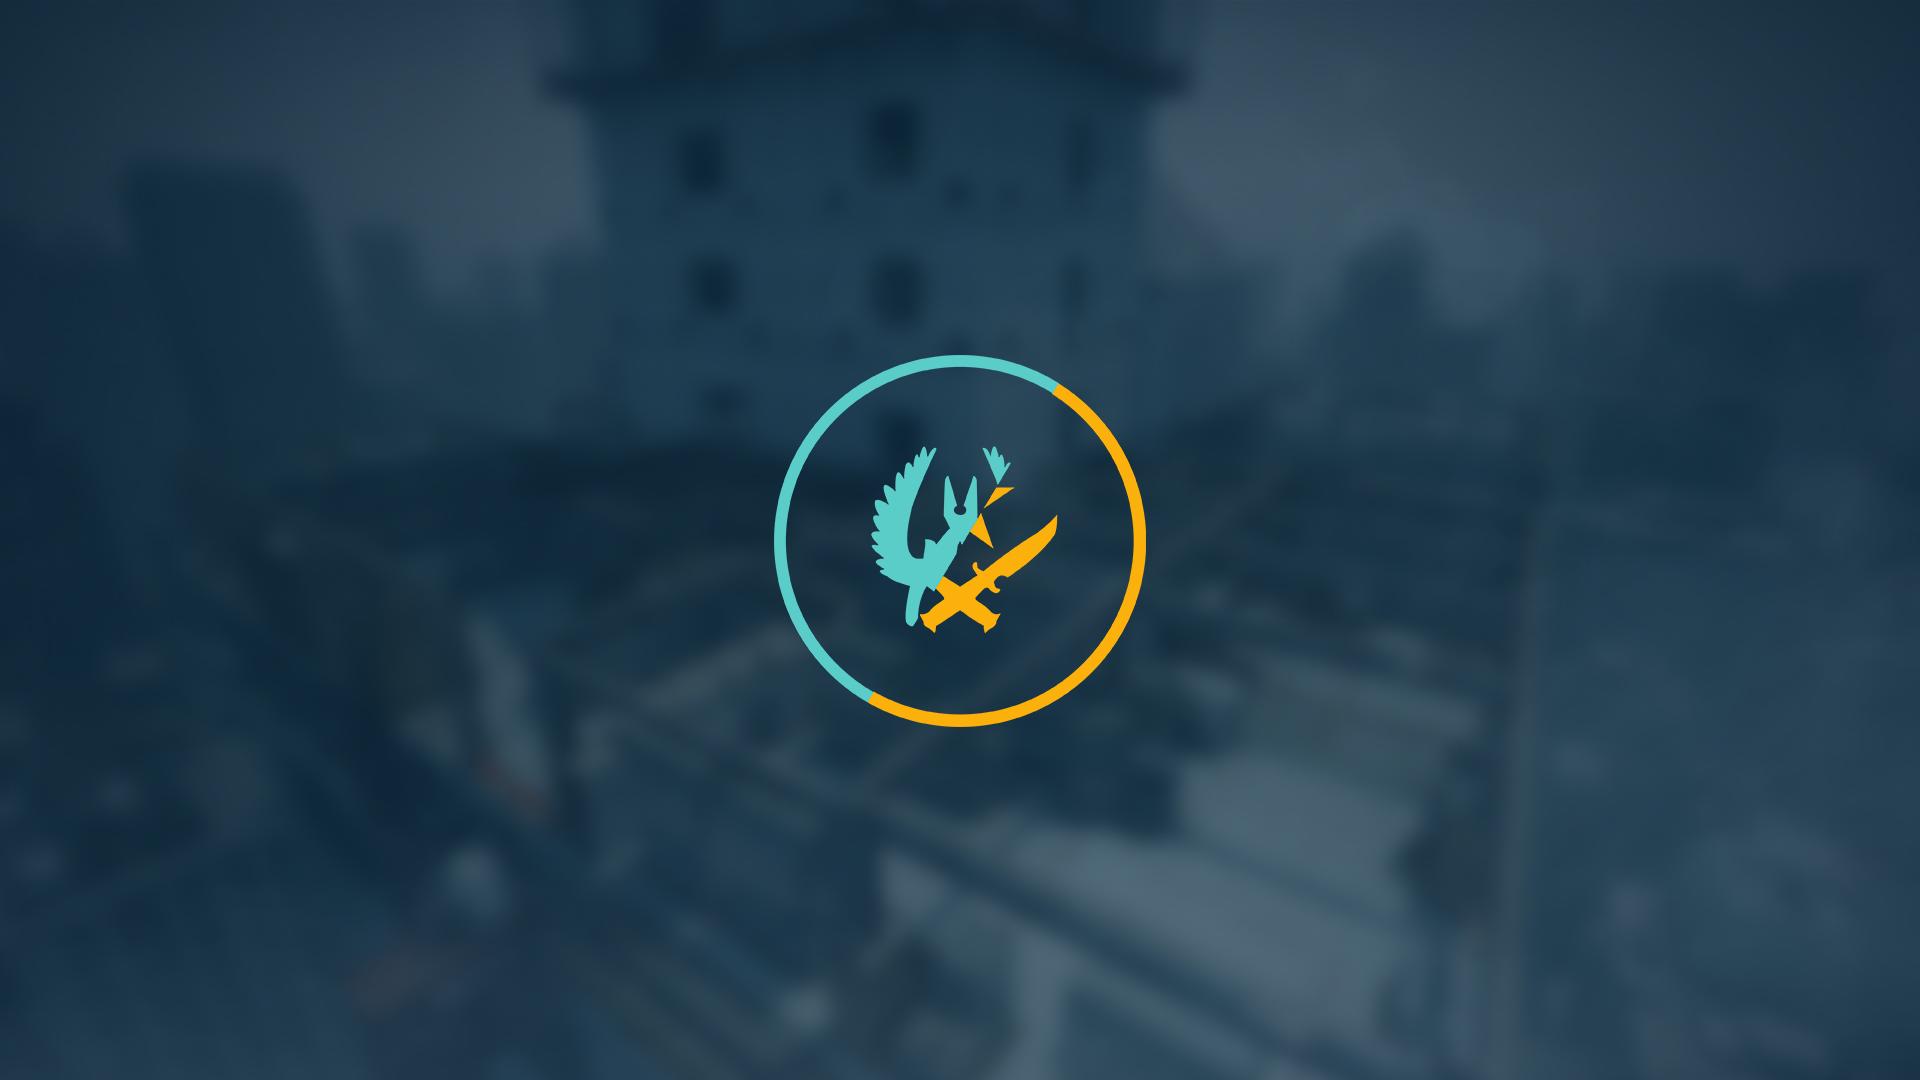 [CS:GO]Исправление бага при выборе карты / Mapgroup bug workaround